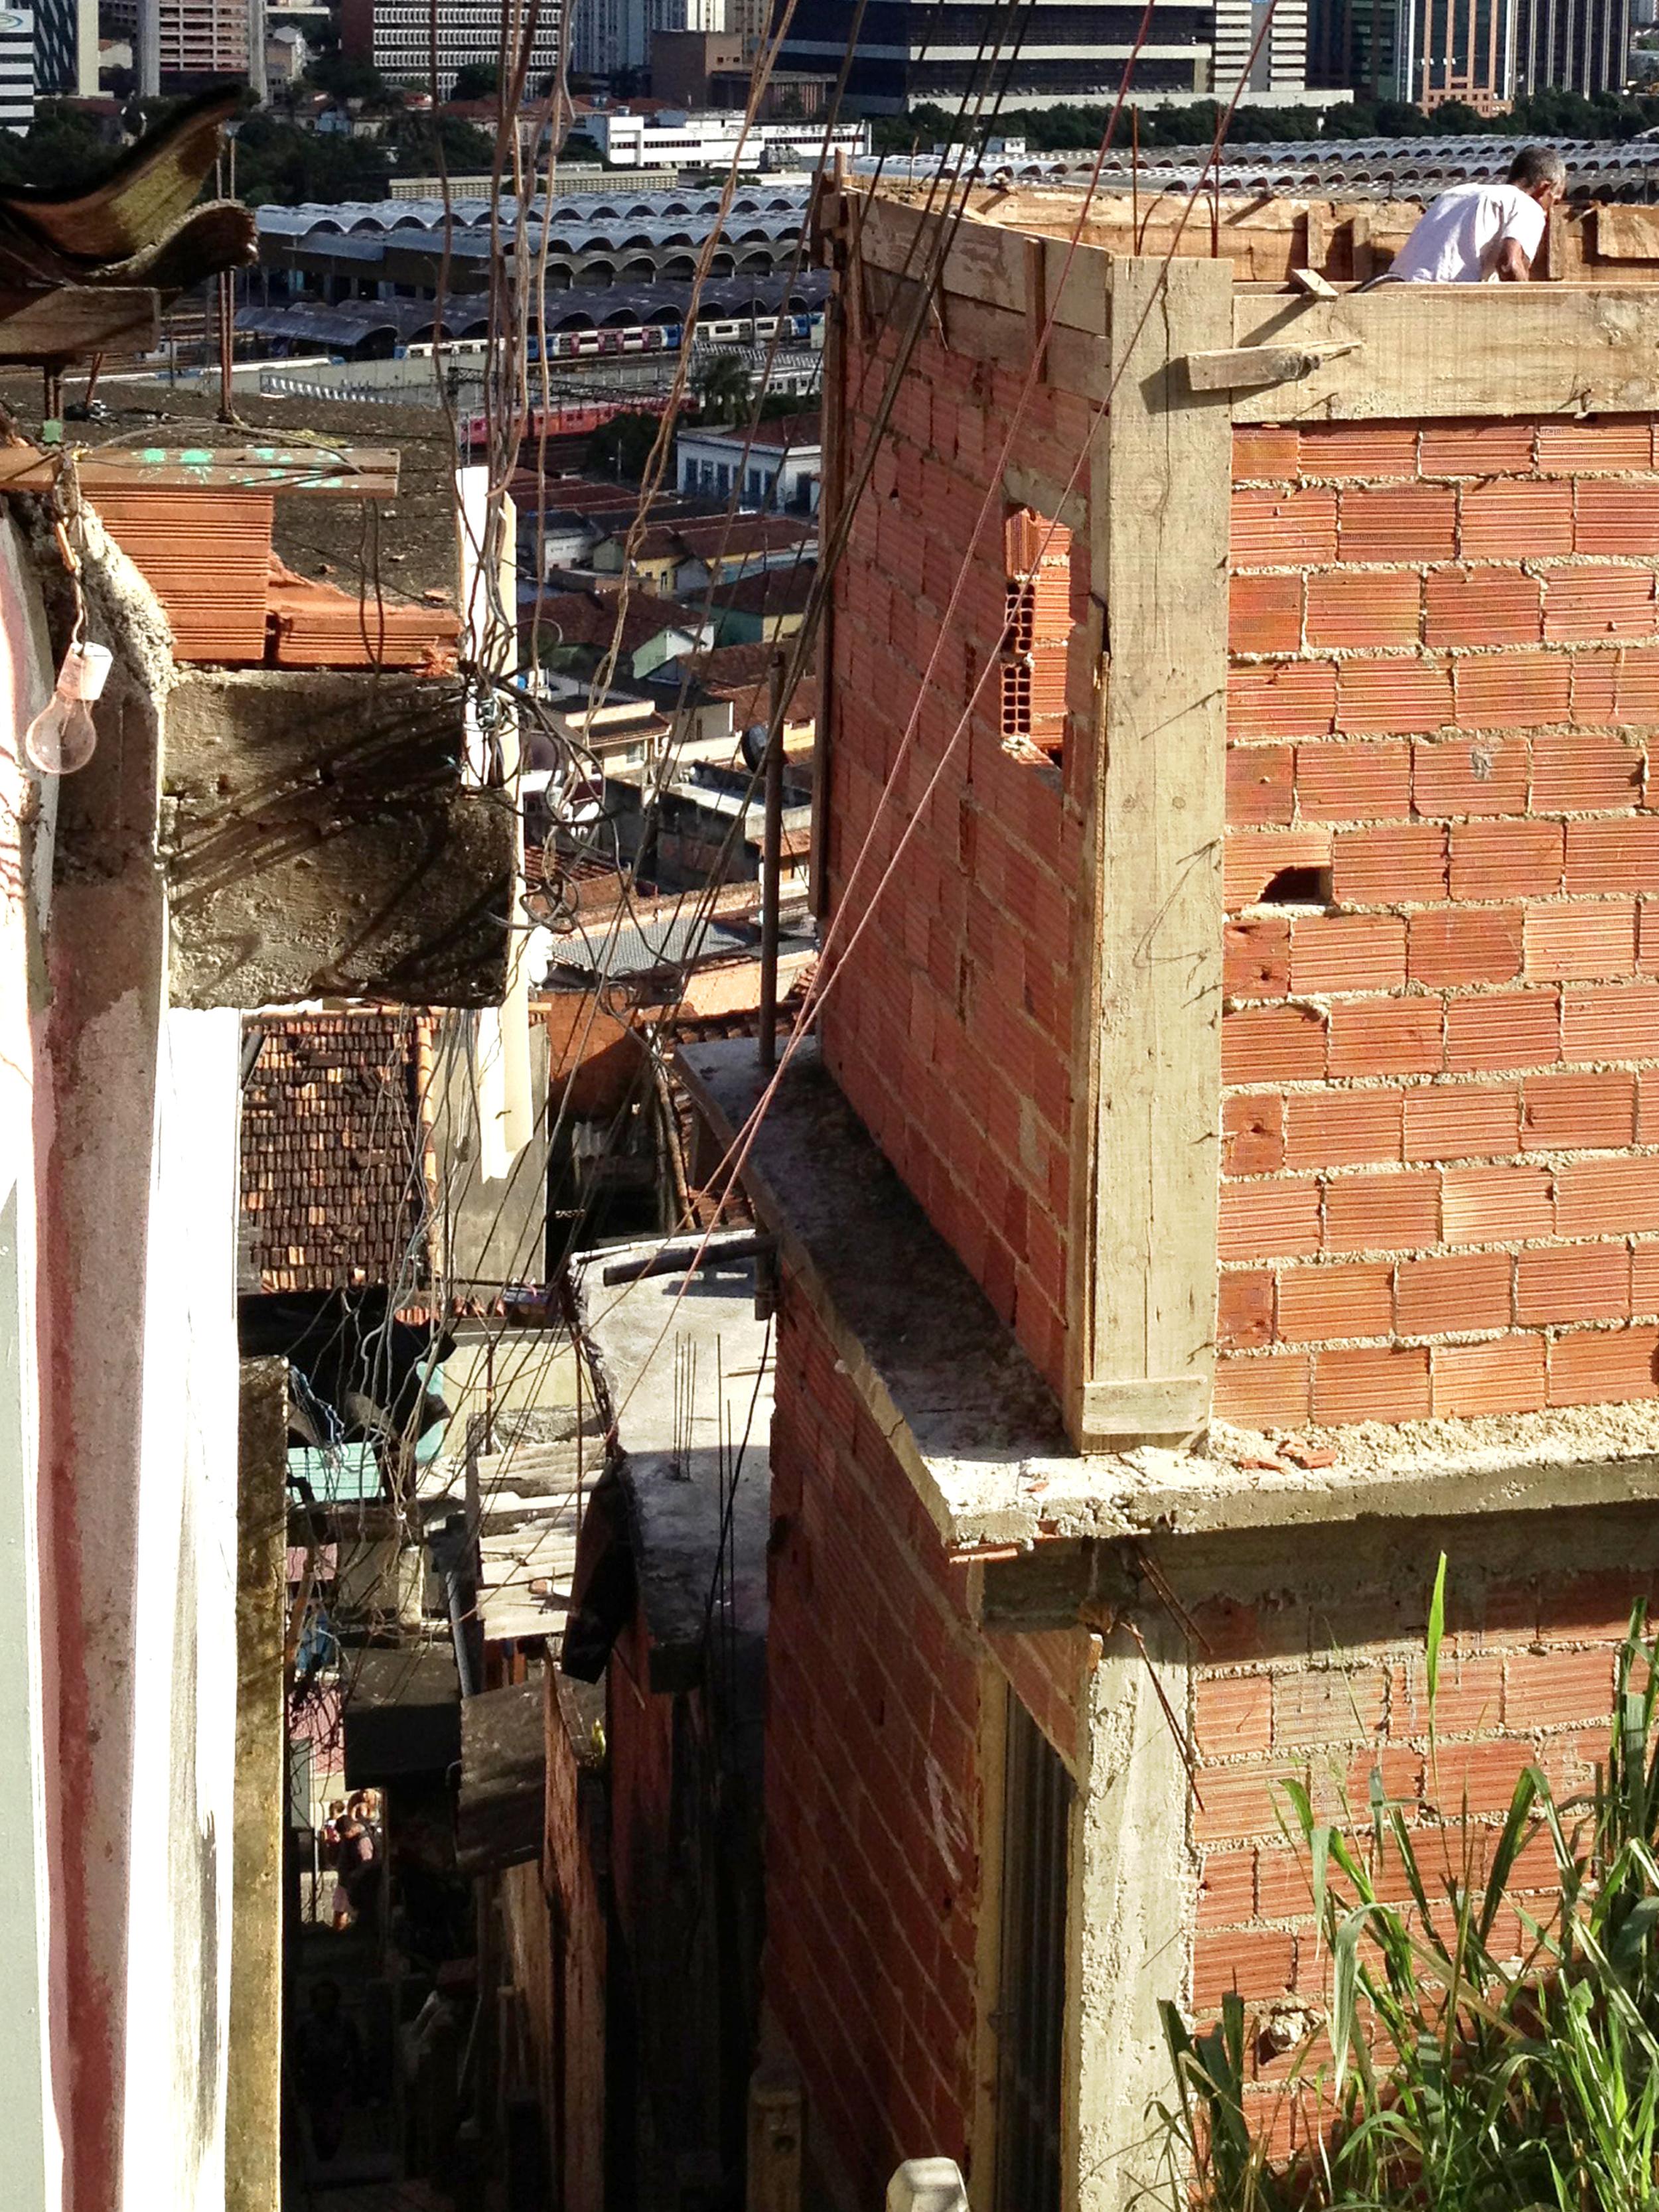 Street in Providencia